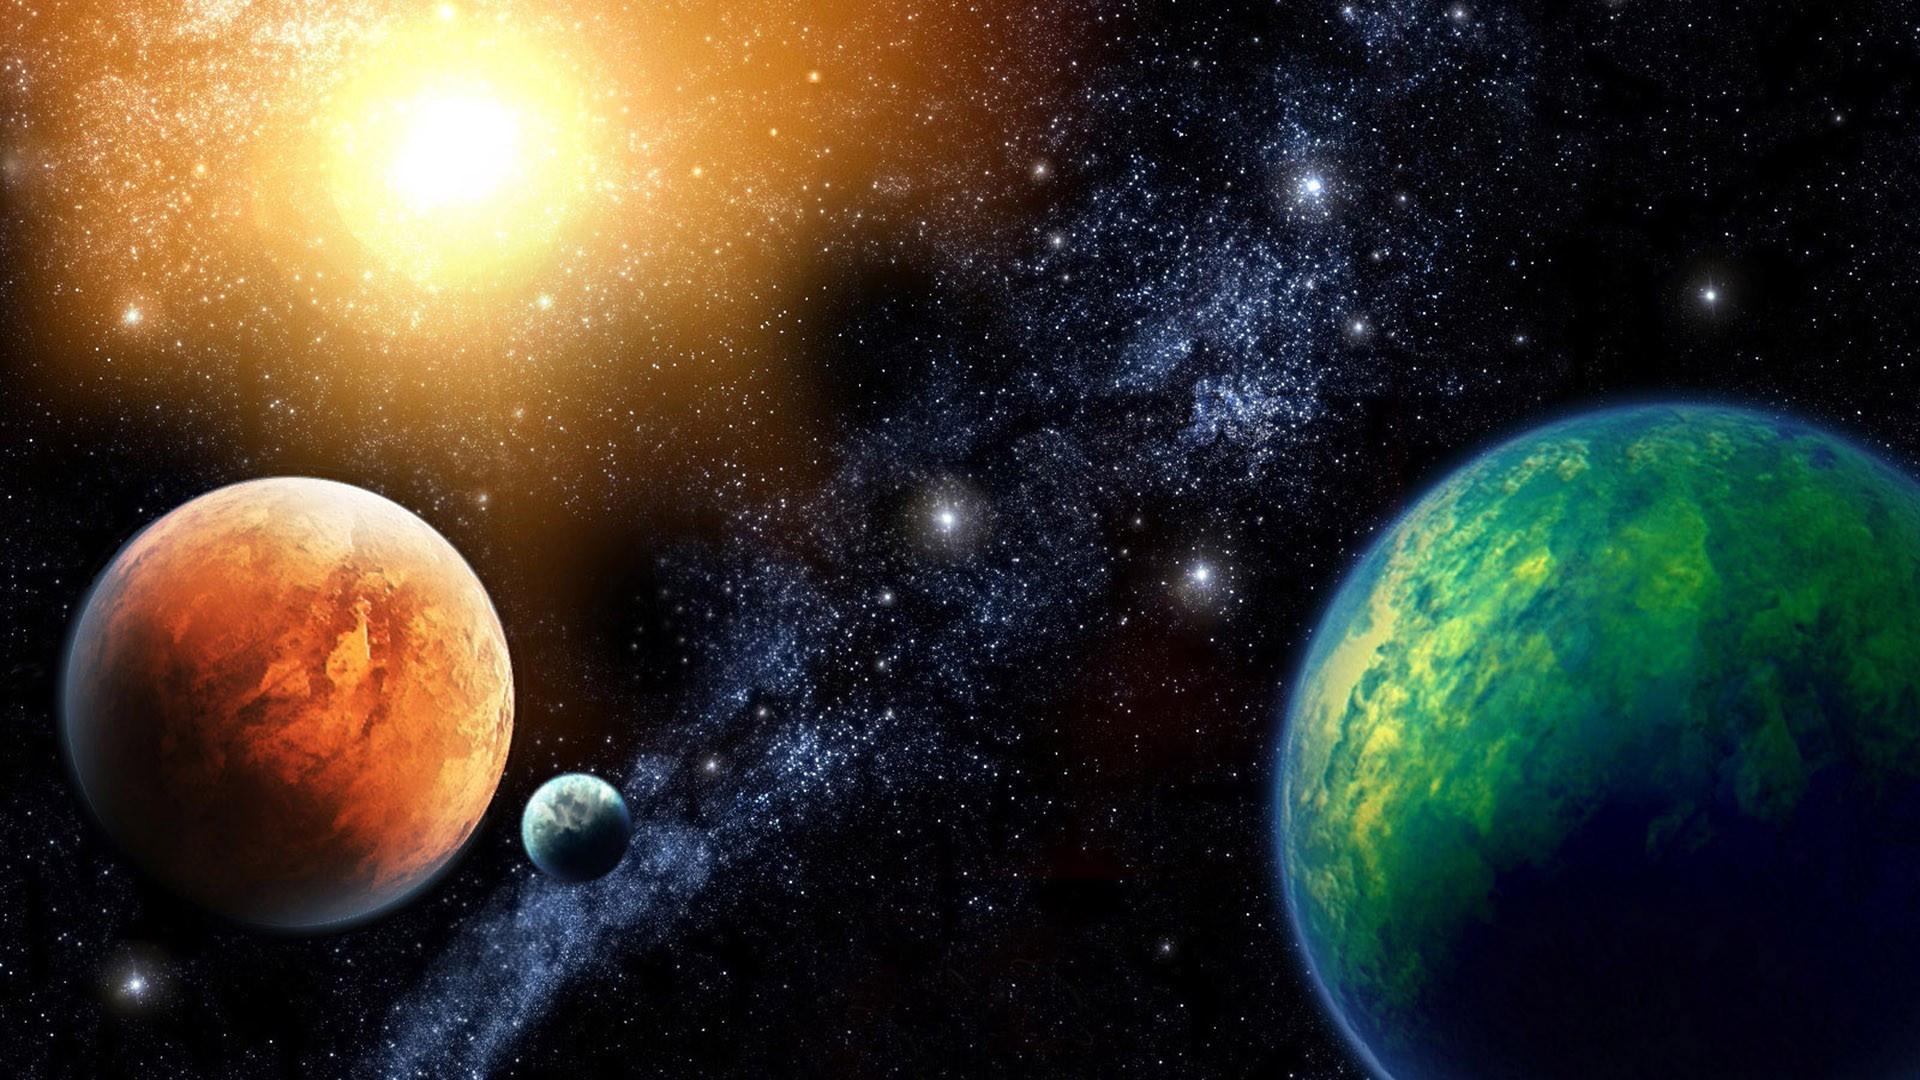 Физики: Через 100 лет люди смогут достигнуть 10-ти ближайших планет